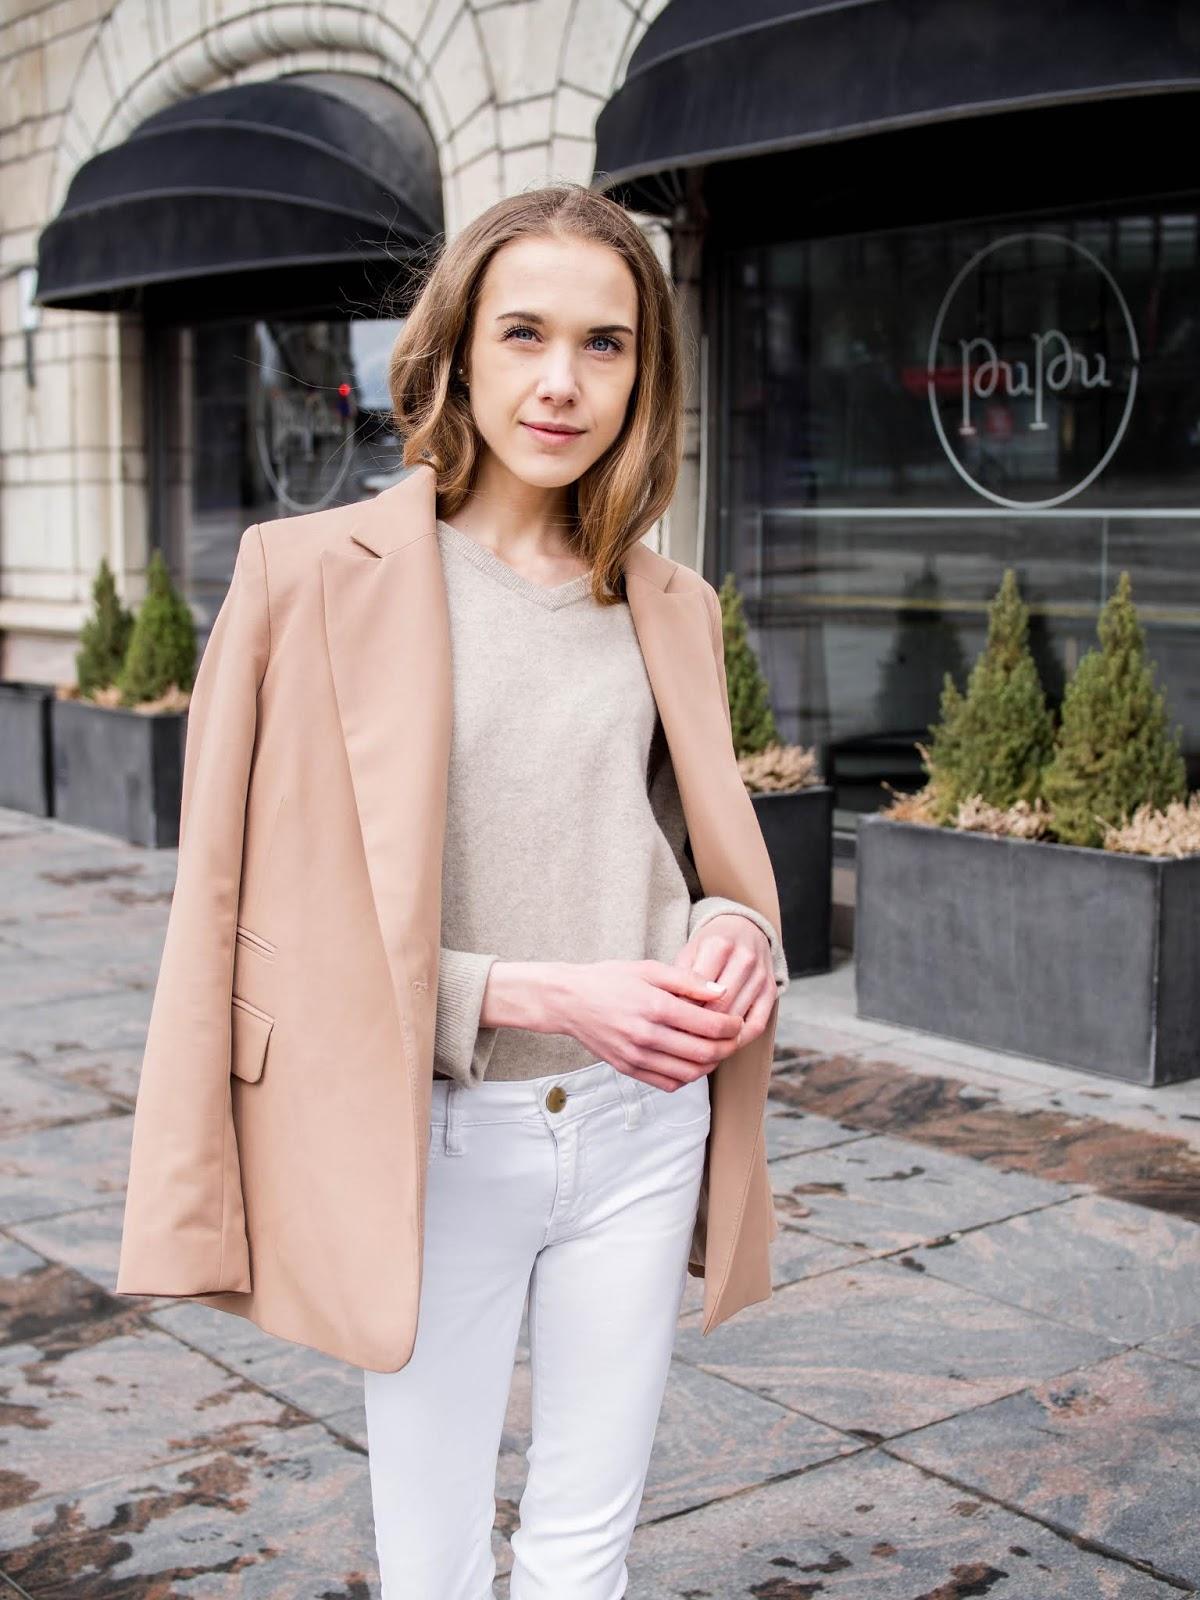 Fashion blogger Helsinki contact - Muotibloggaaja Helsinki yhteydenotto